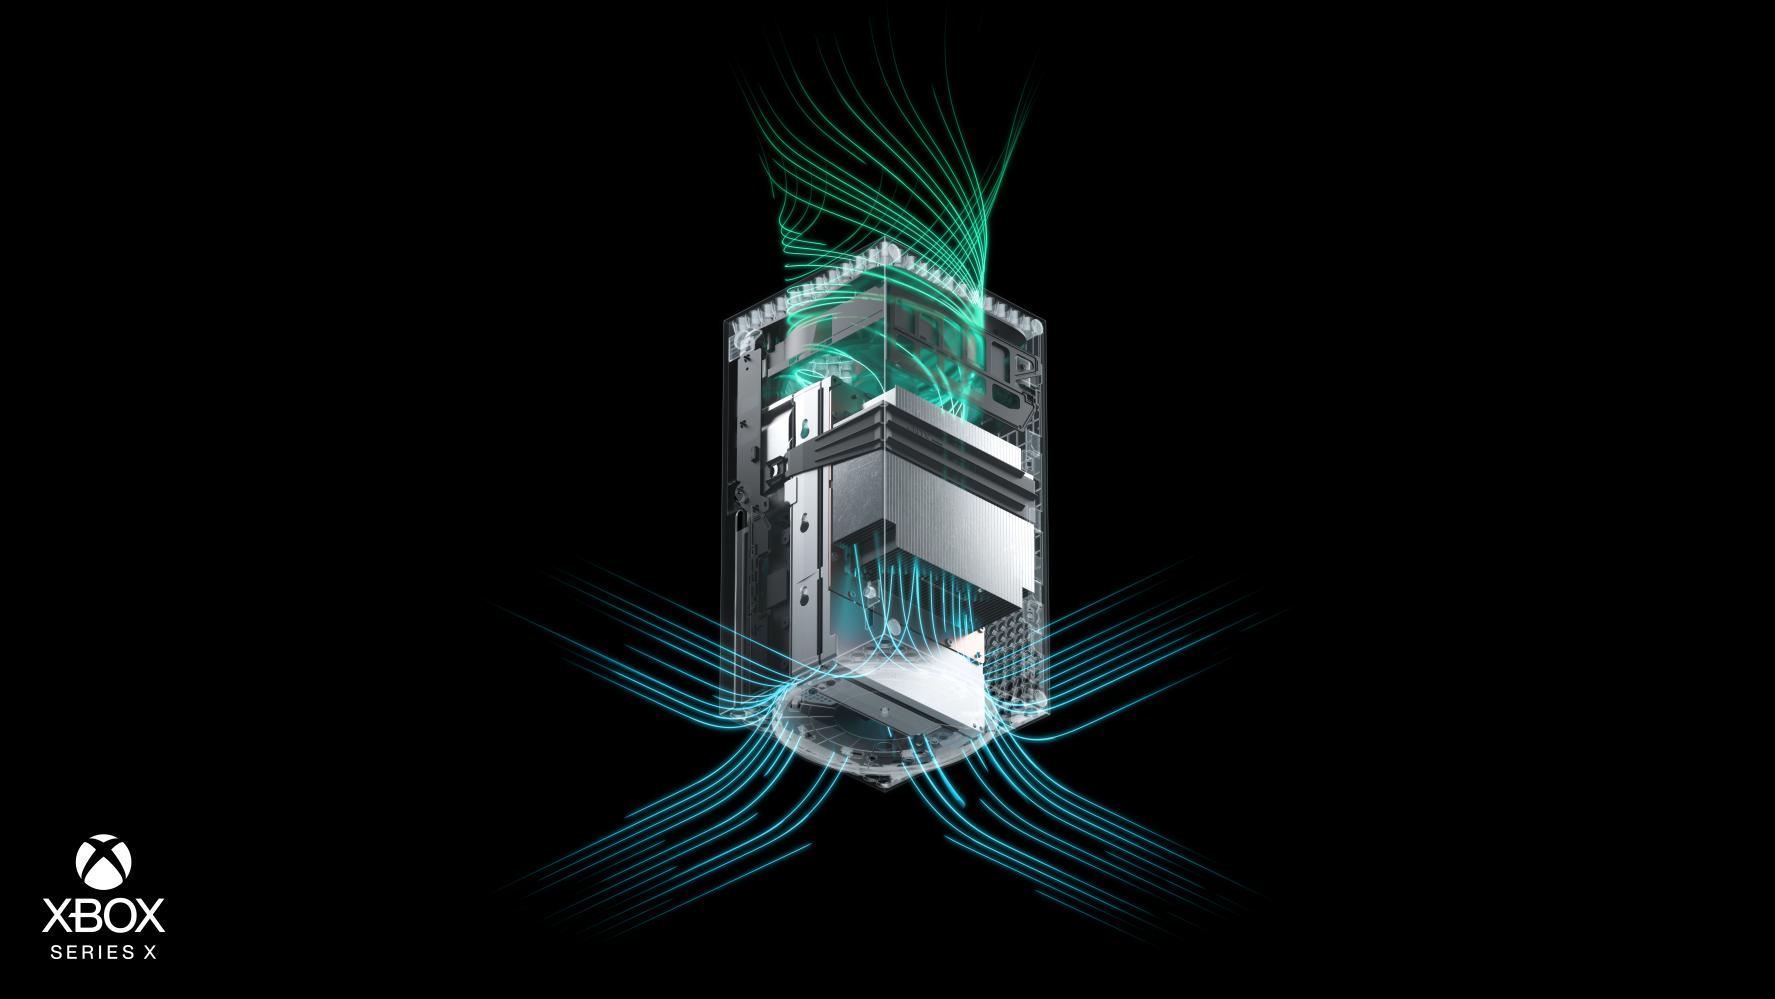 Microsoft: Дизайн Xbox Series X разработан с учетом тихой работы консоли